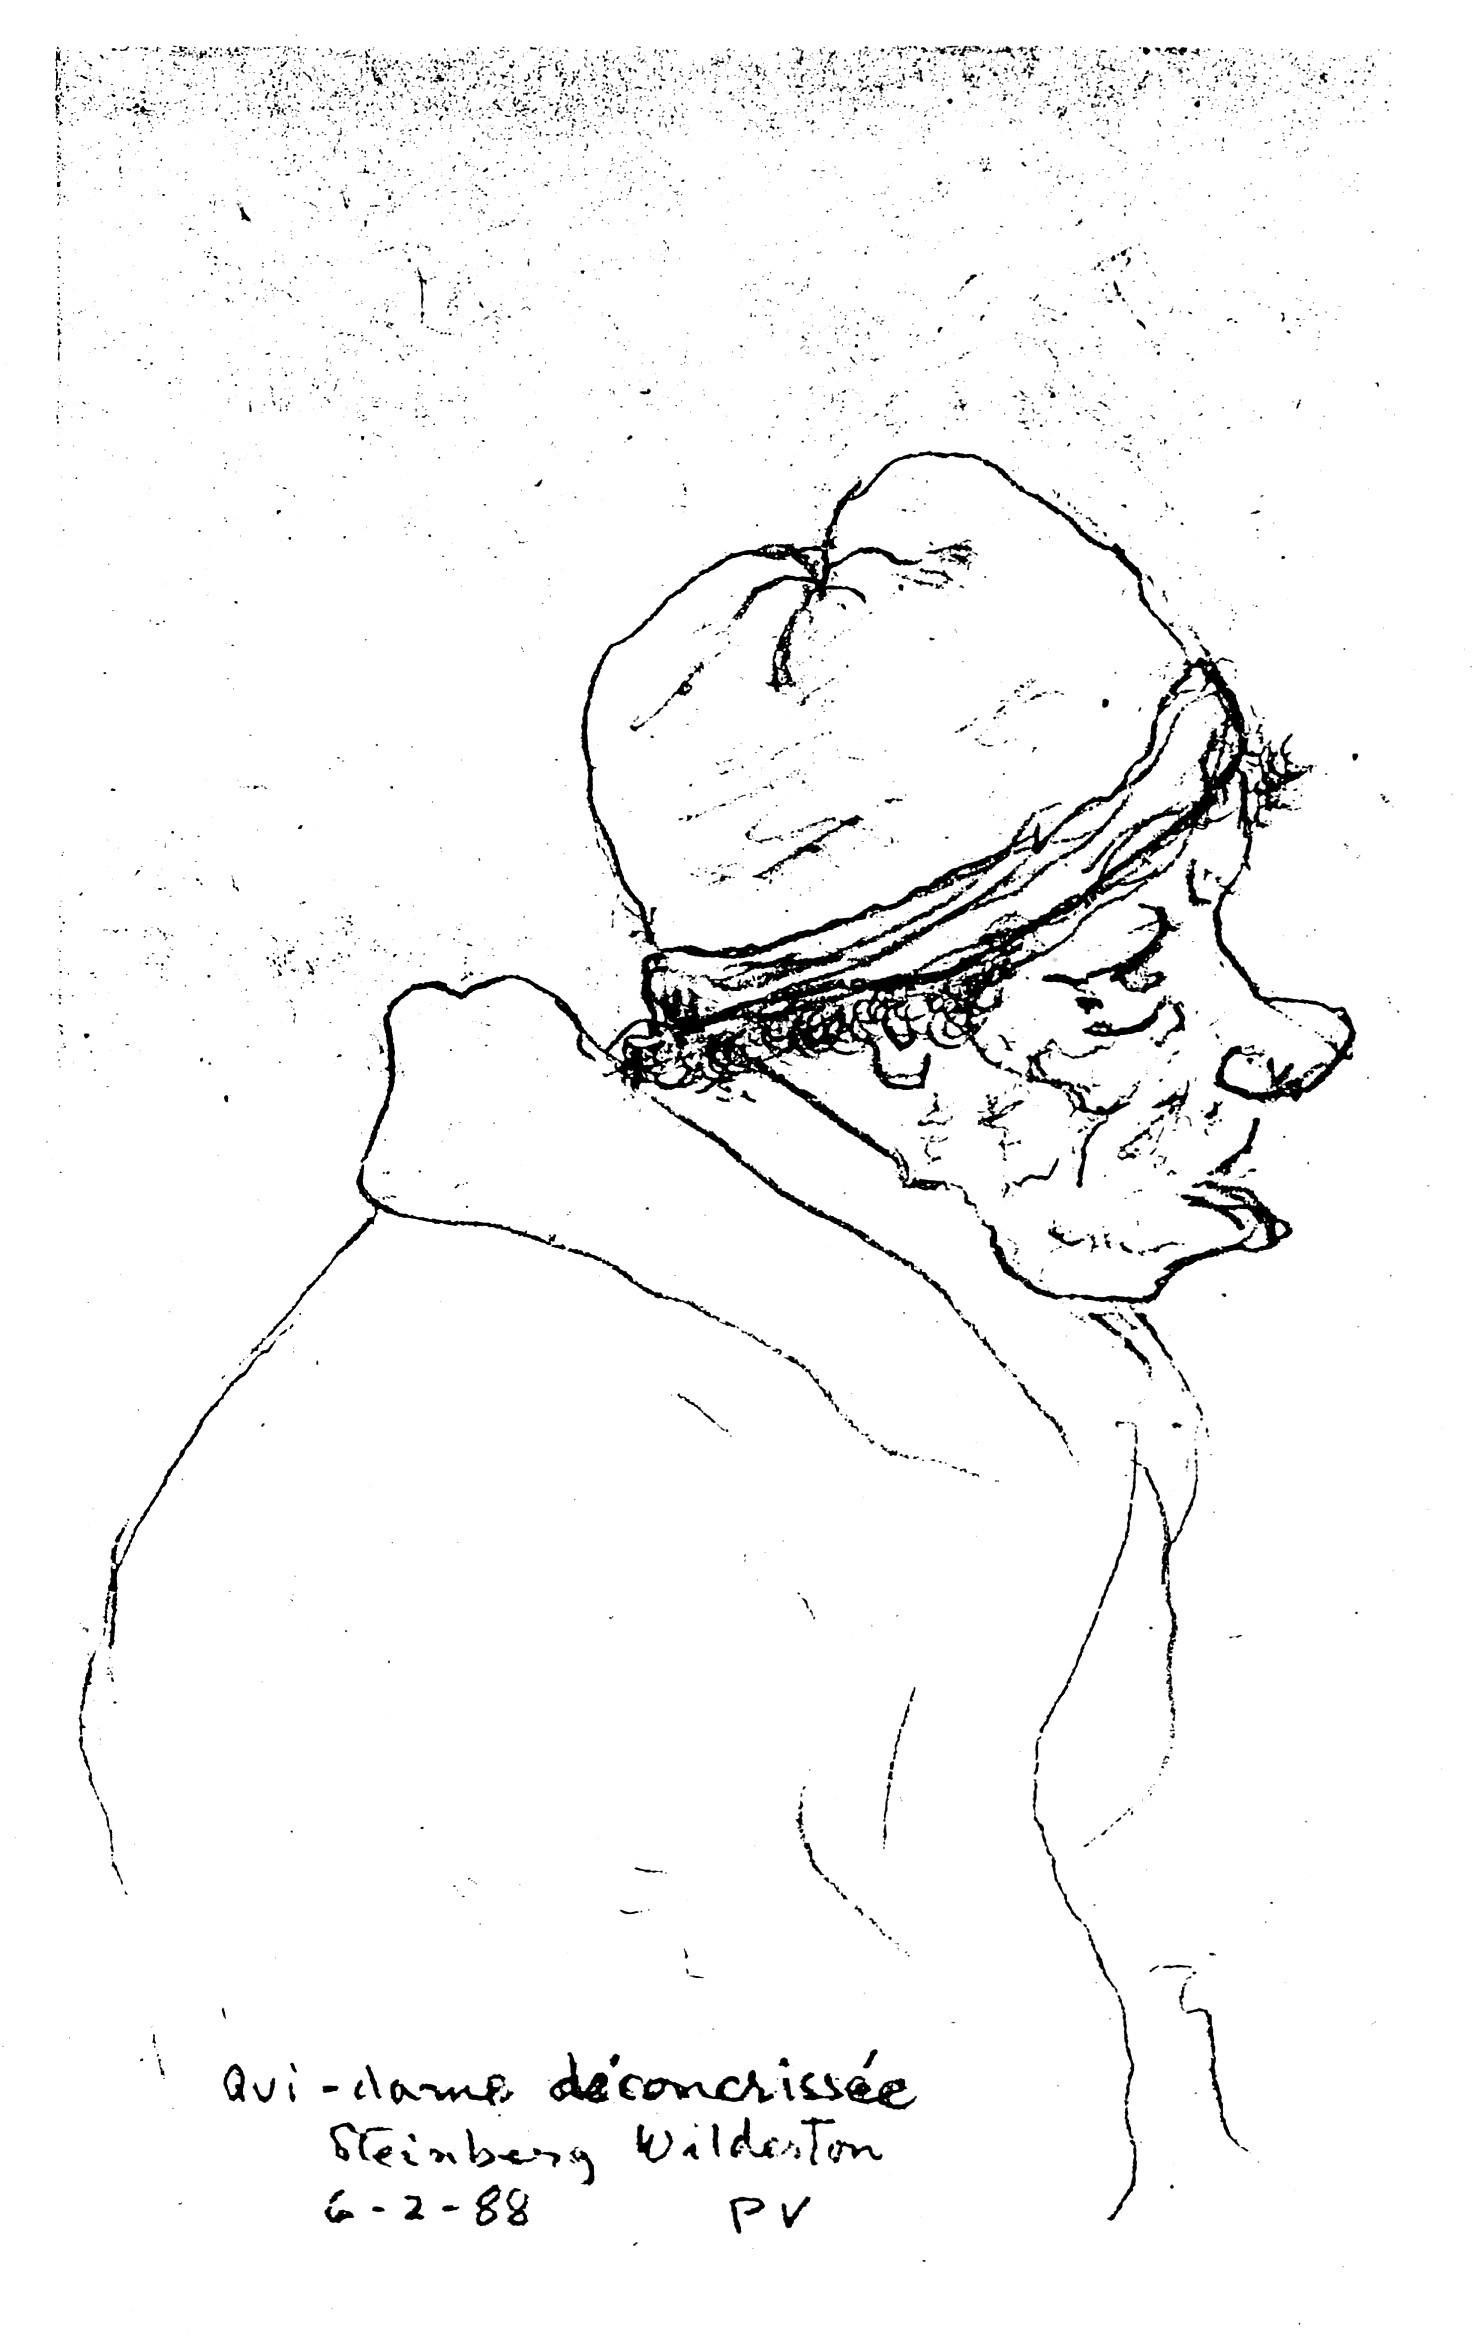 Pierre Vadeboncoeur, croquis